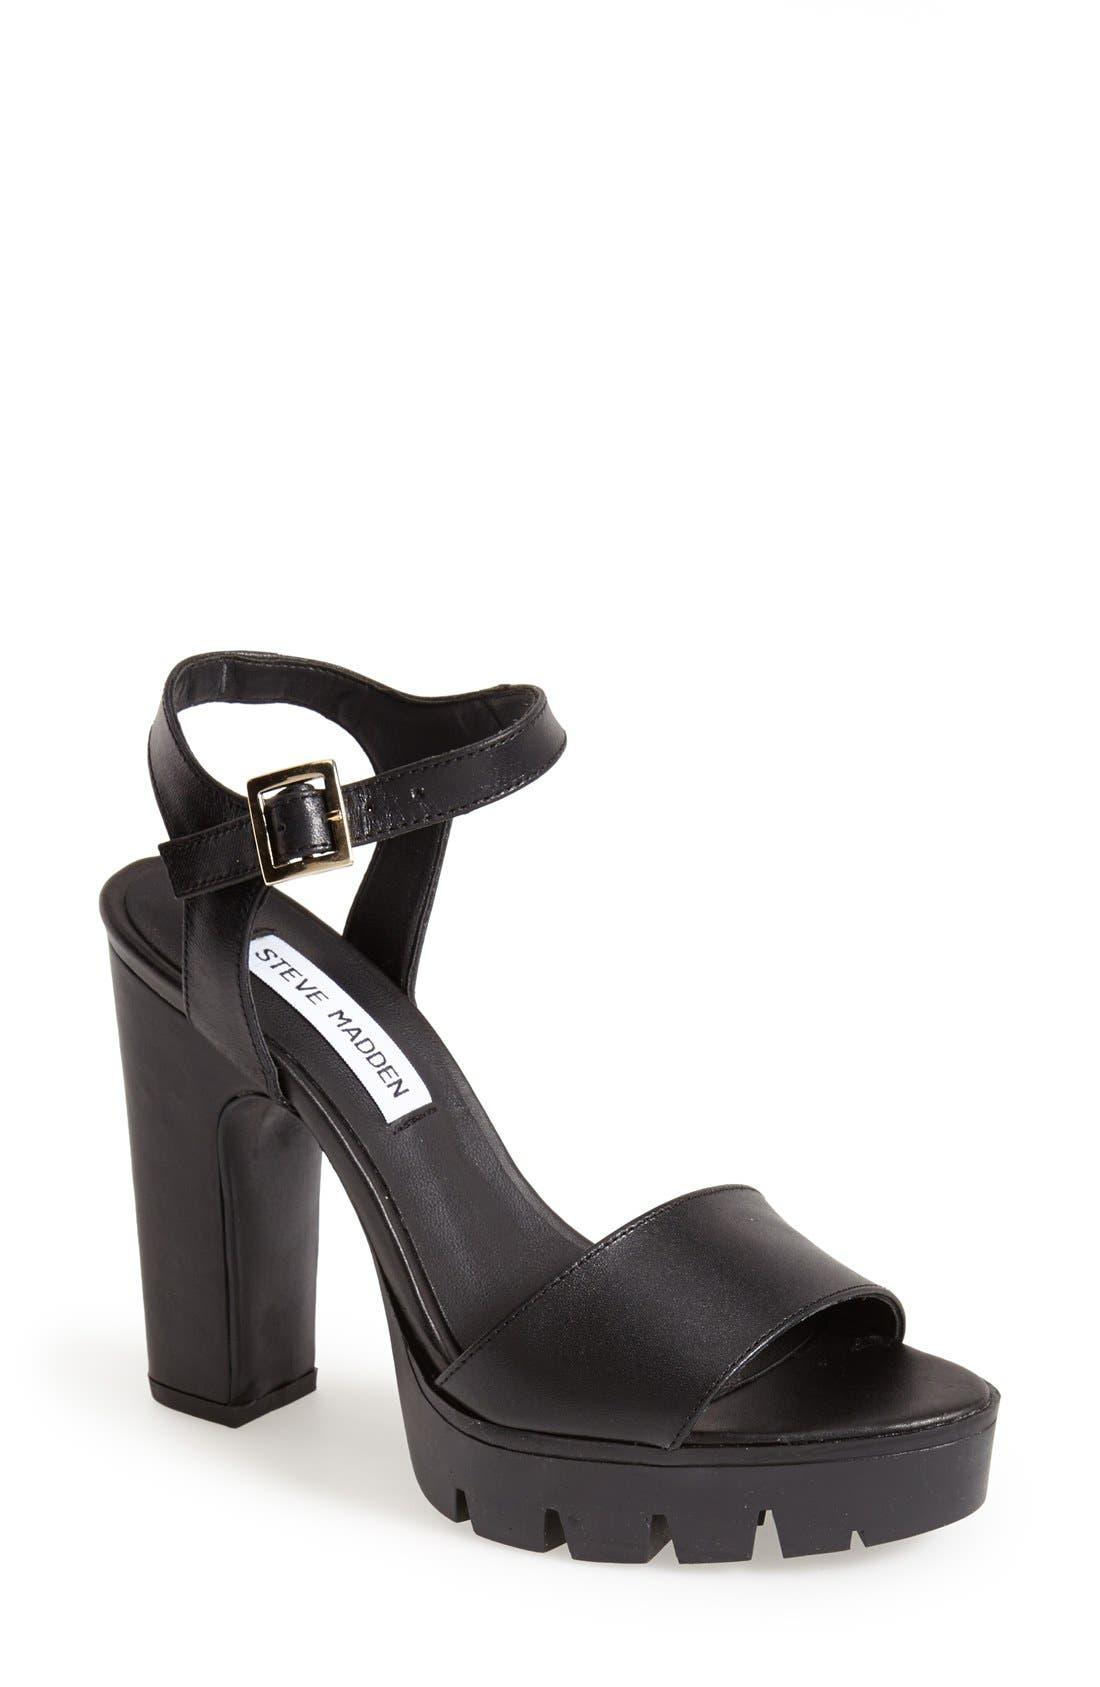 Main Image - Steve Madden 'Traiin' Platform Sandal (Women)